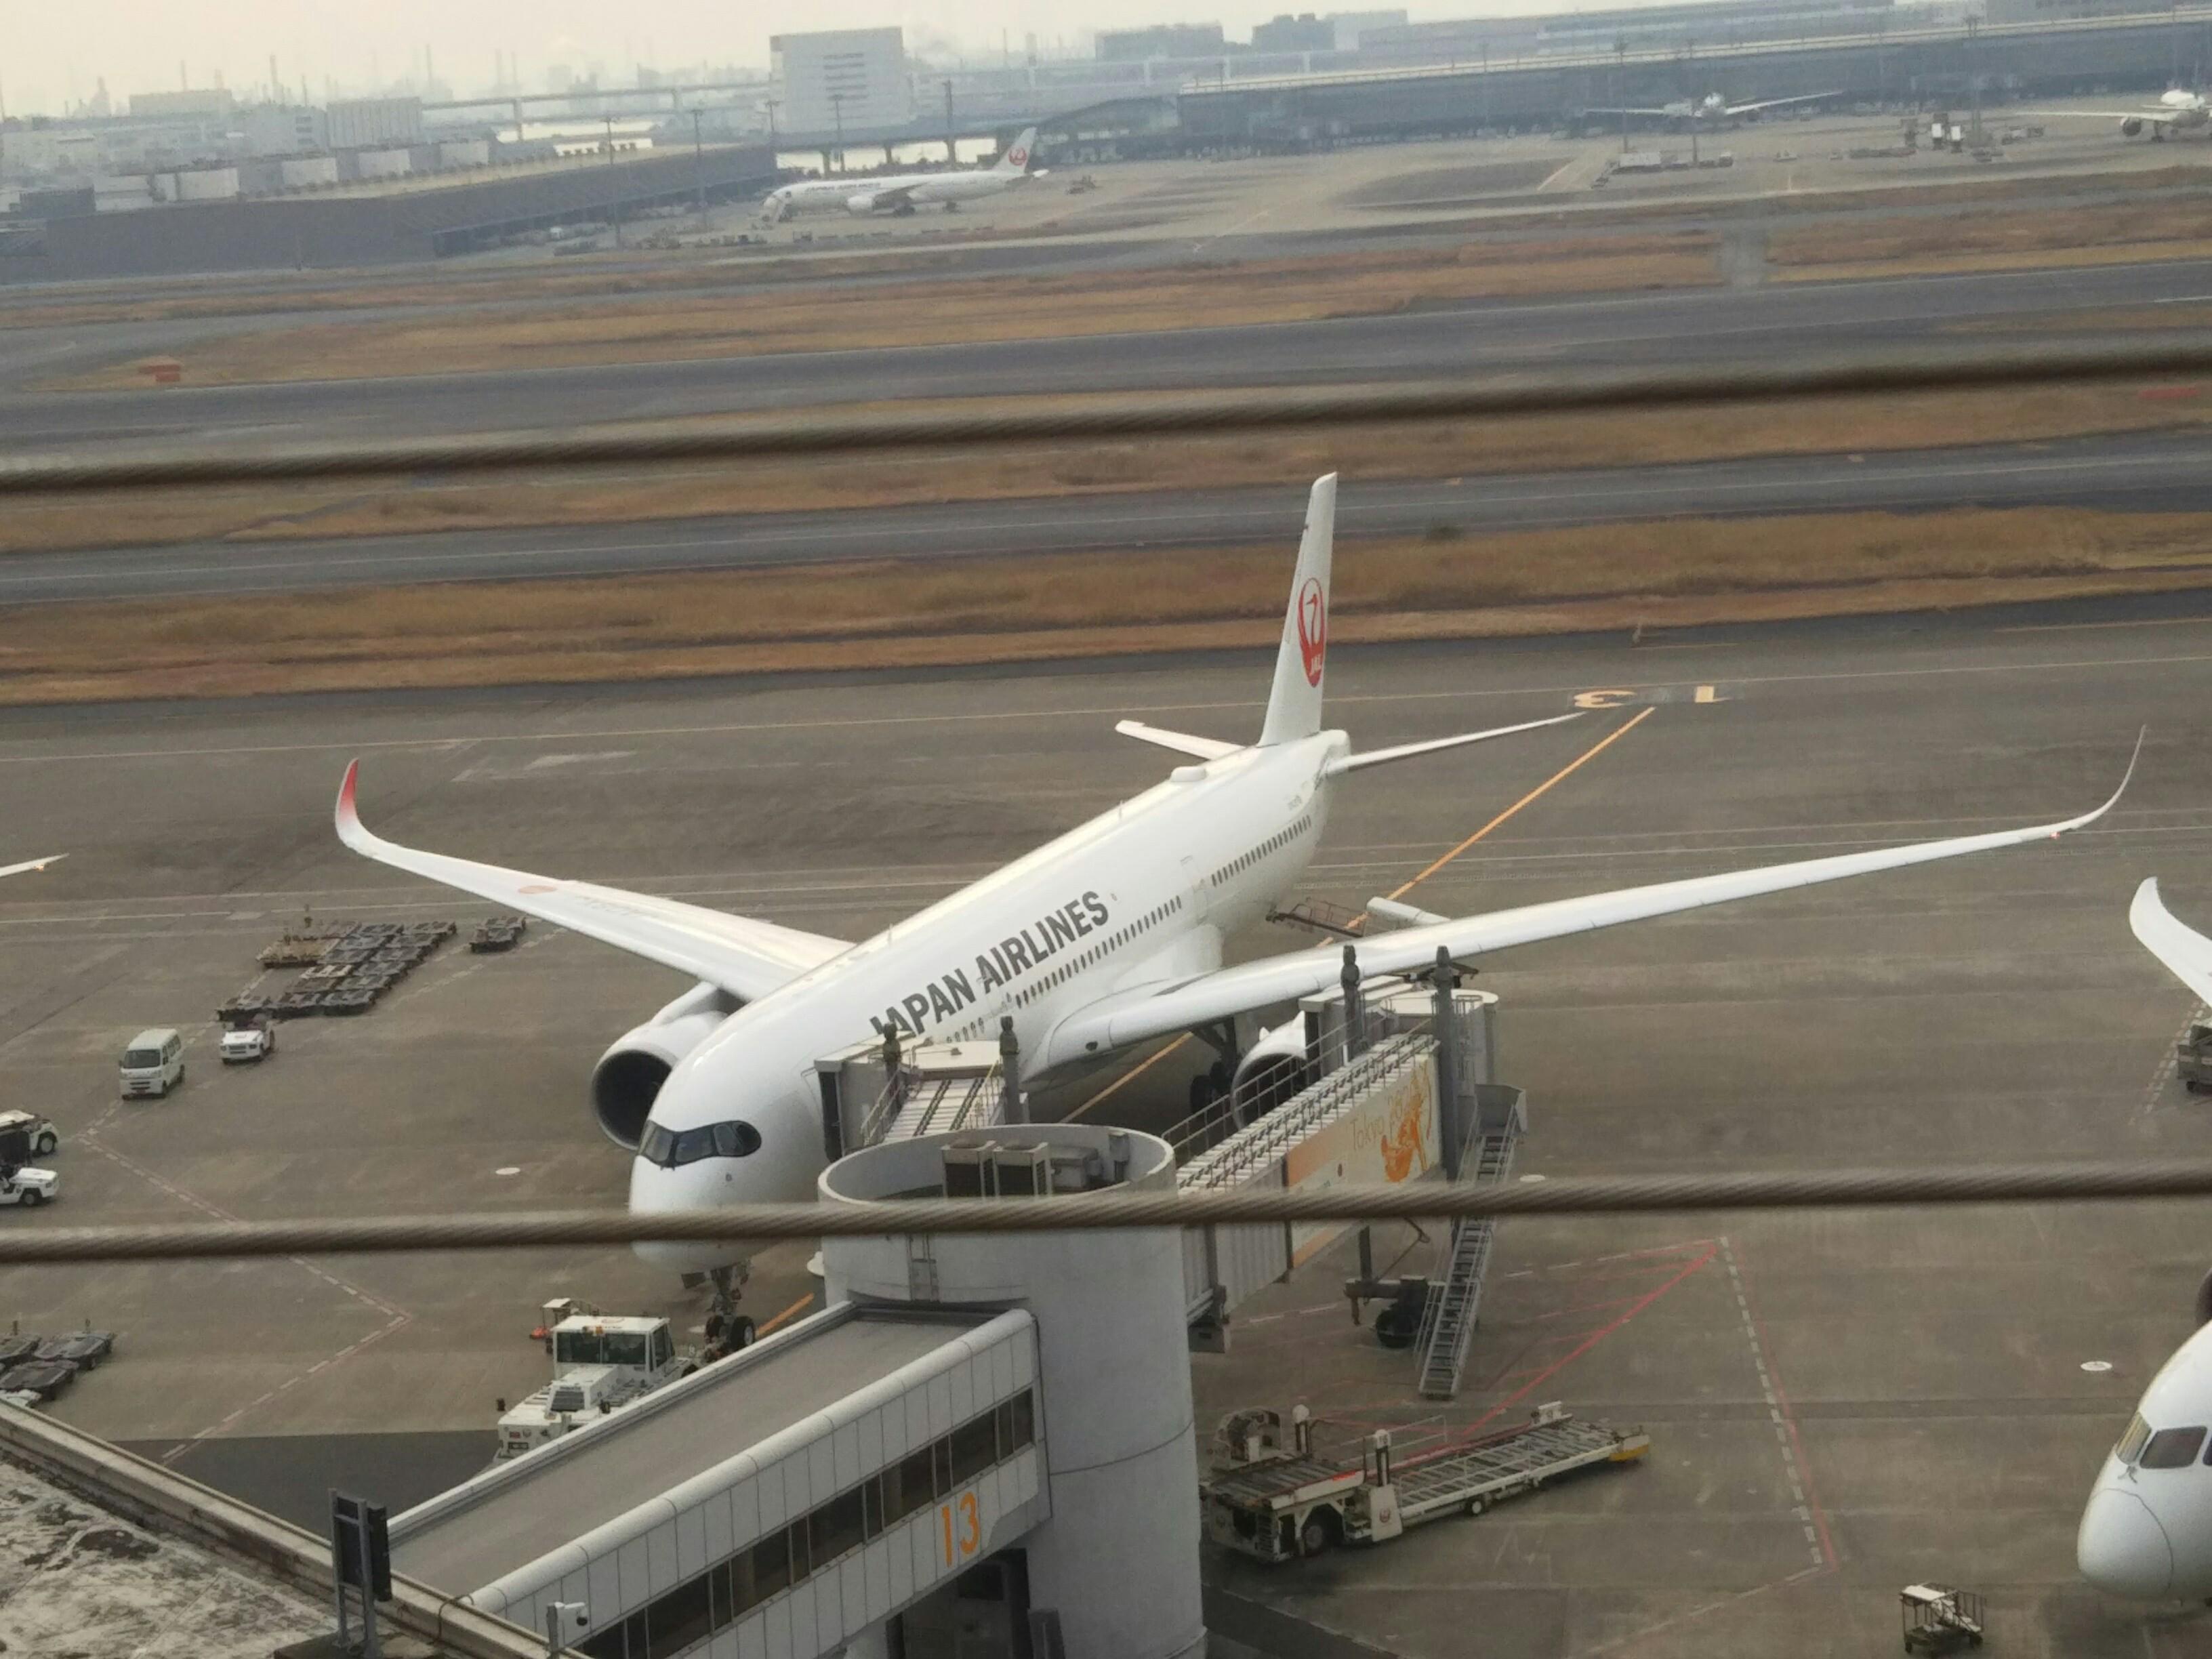 f:id:A350-900:20210109214139j:image